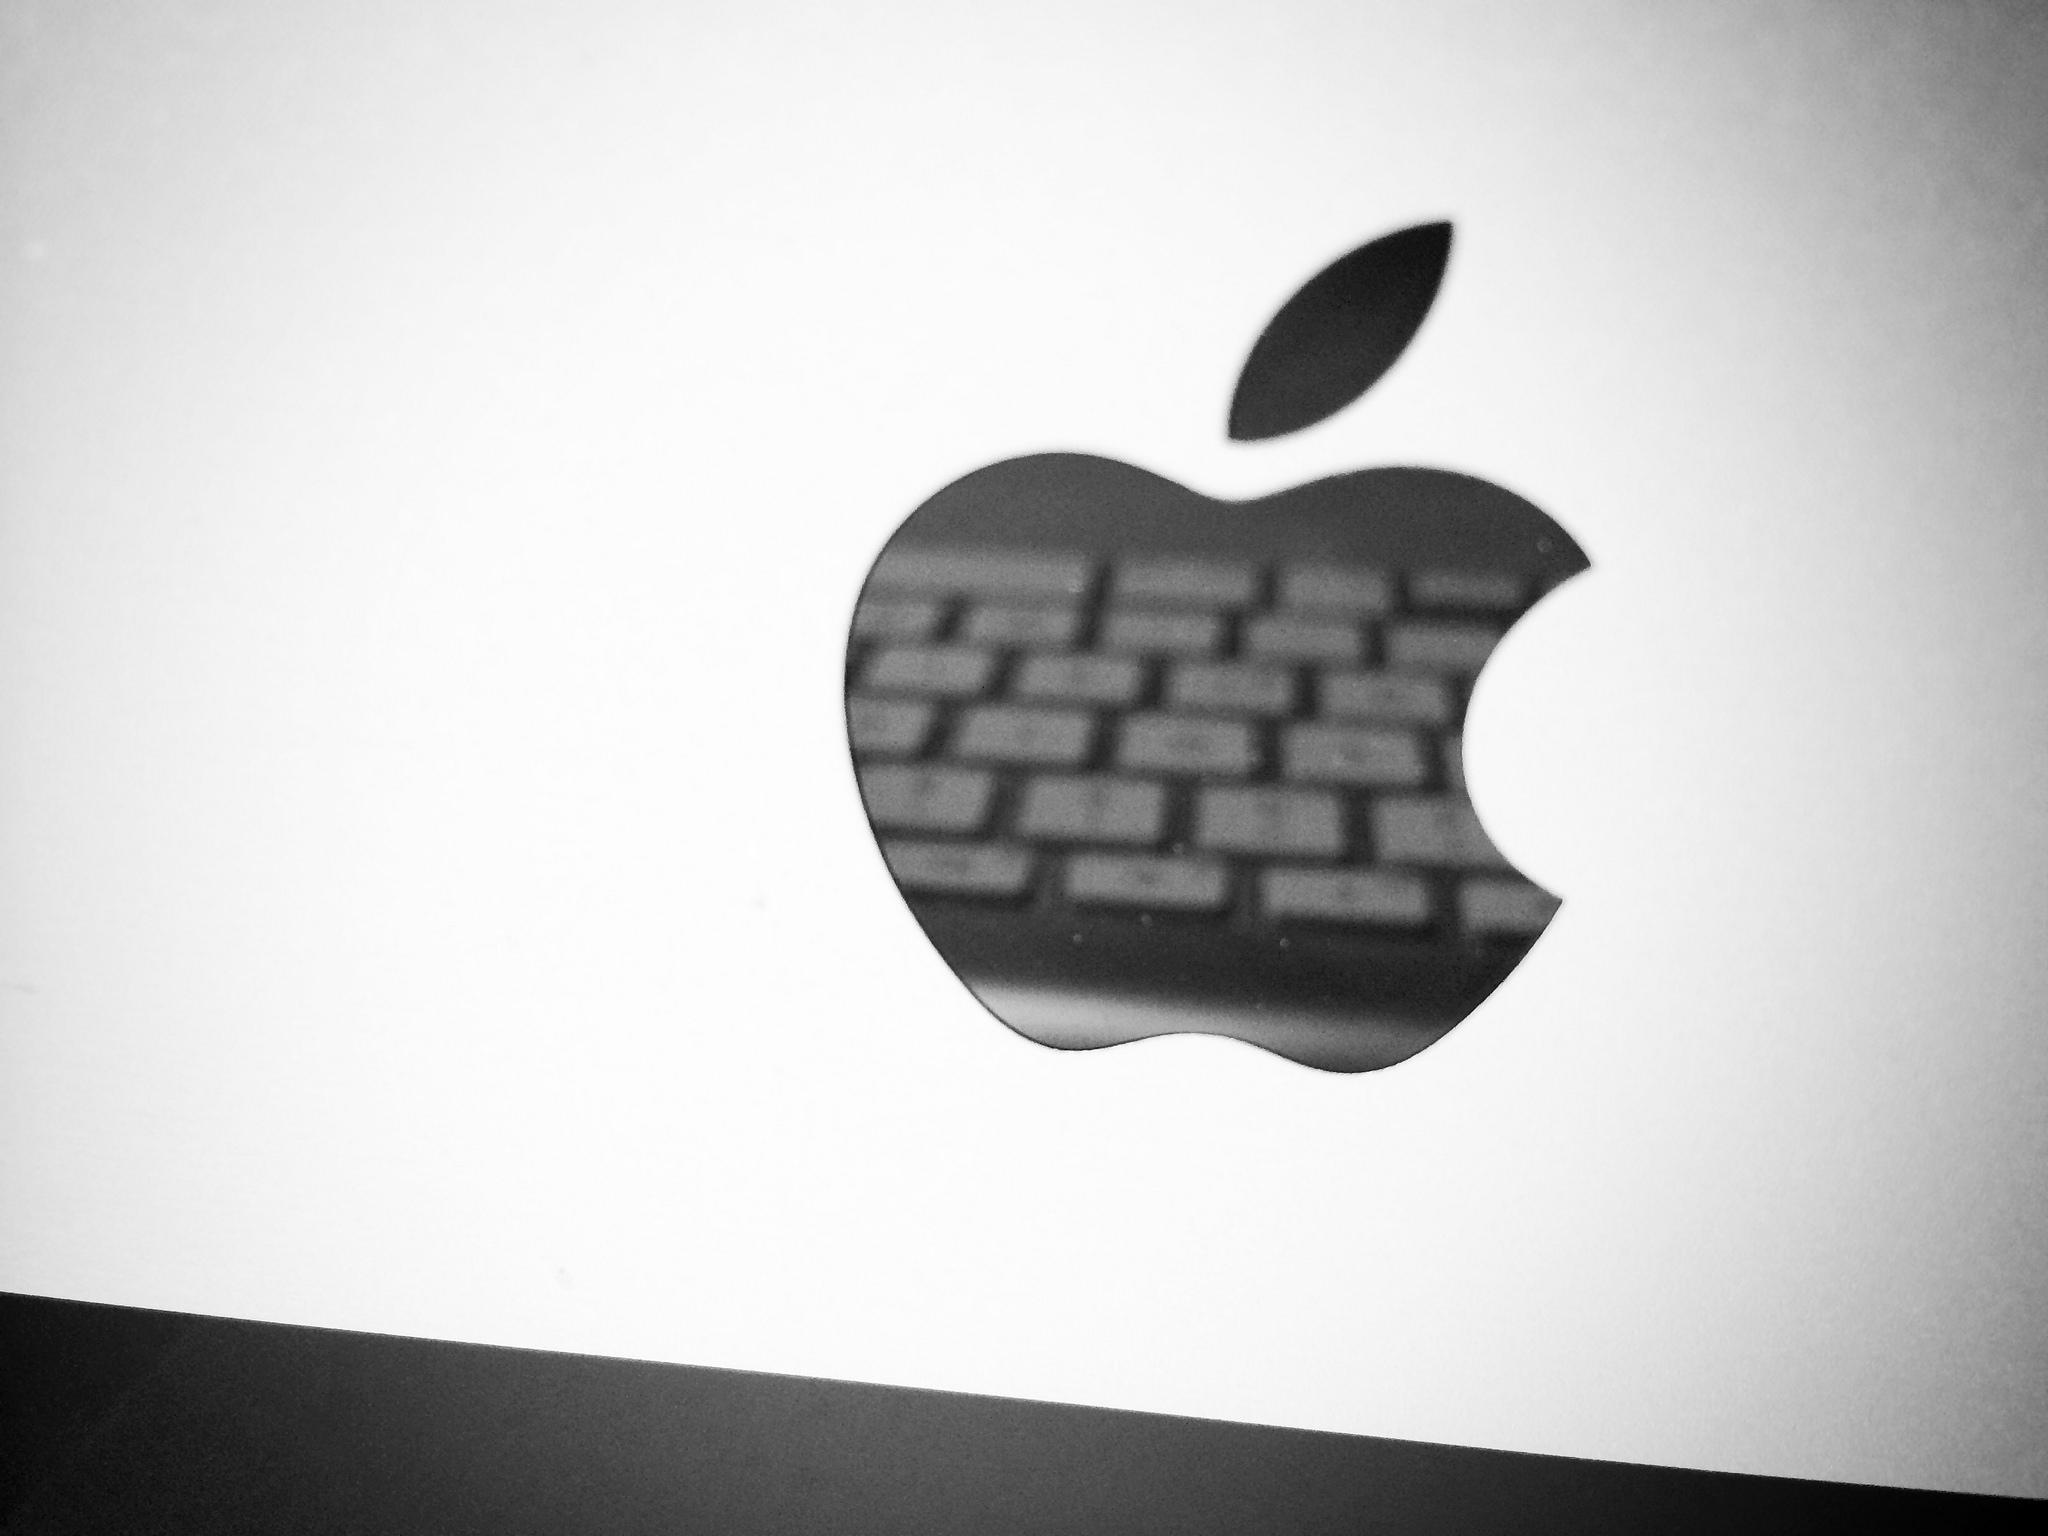 Apple bestätigt eigene Serie über App-Entwickler 3